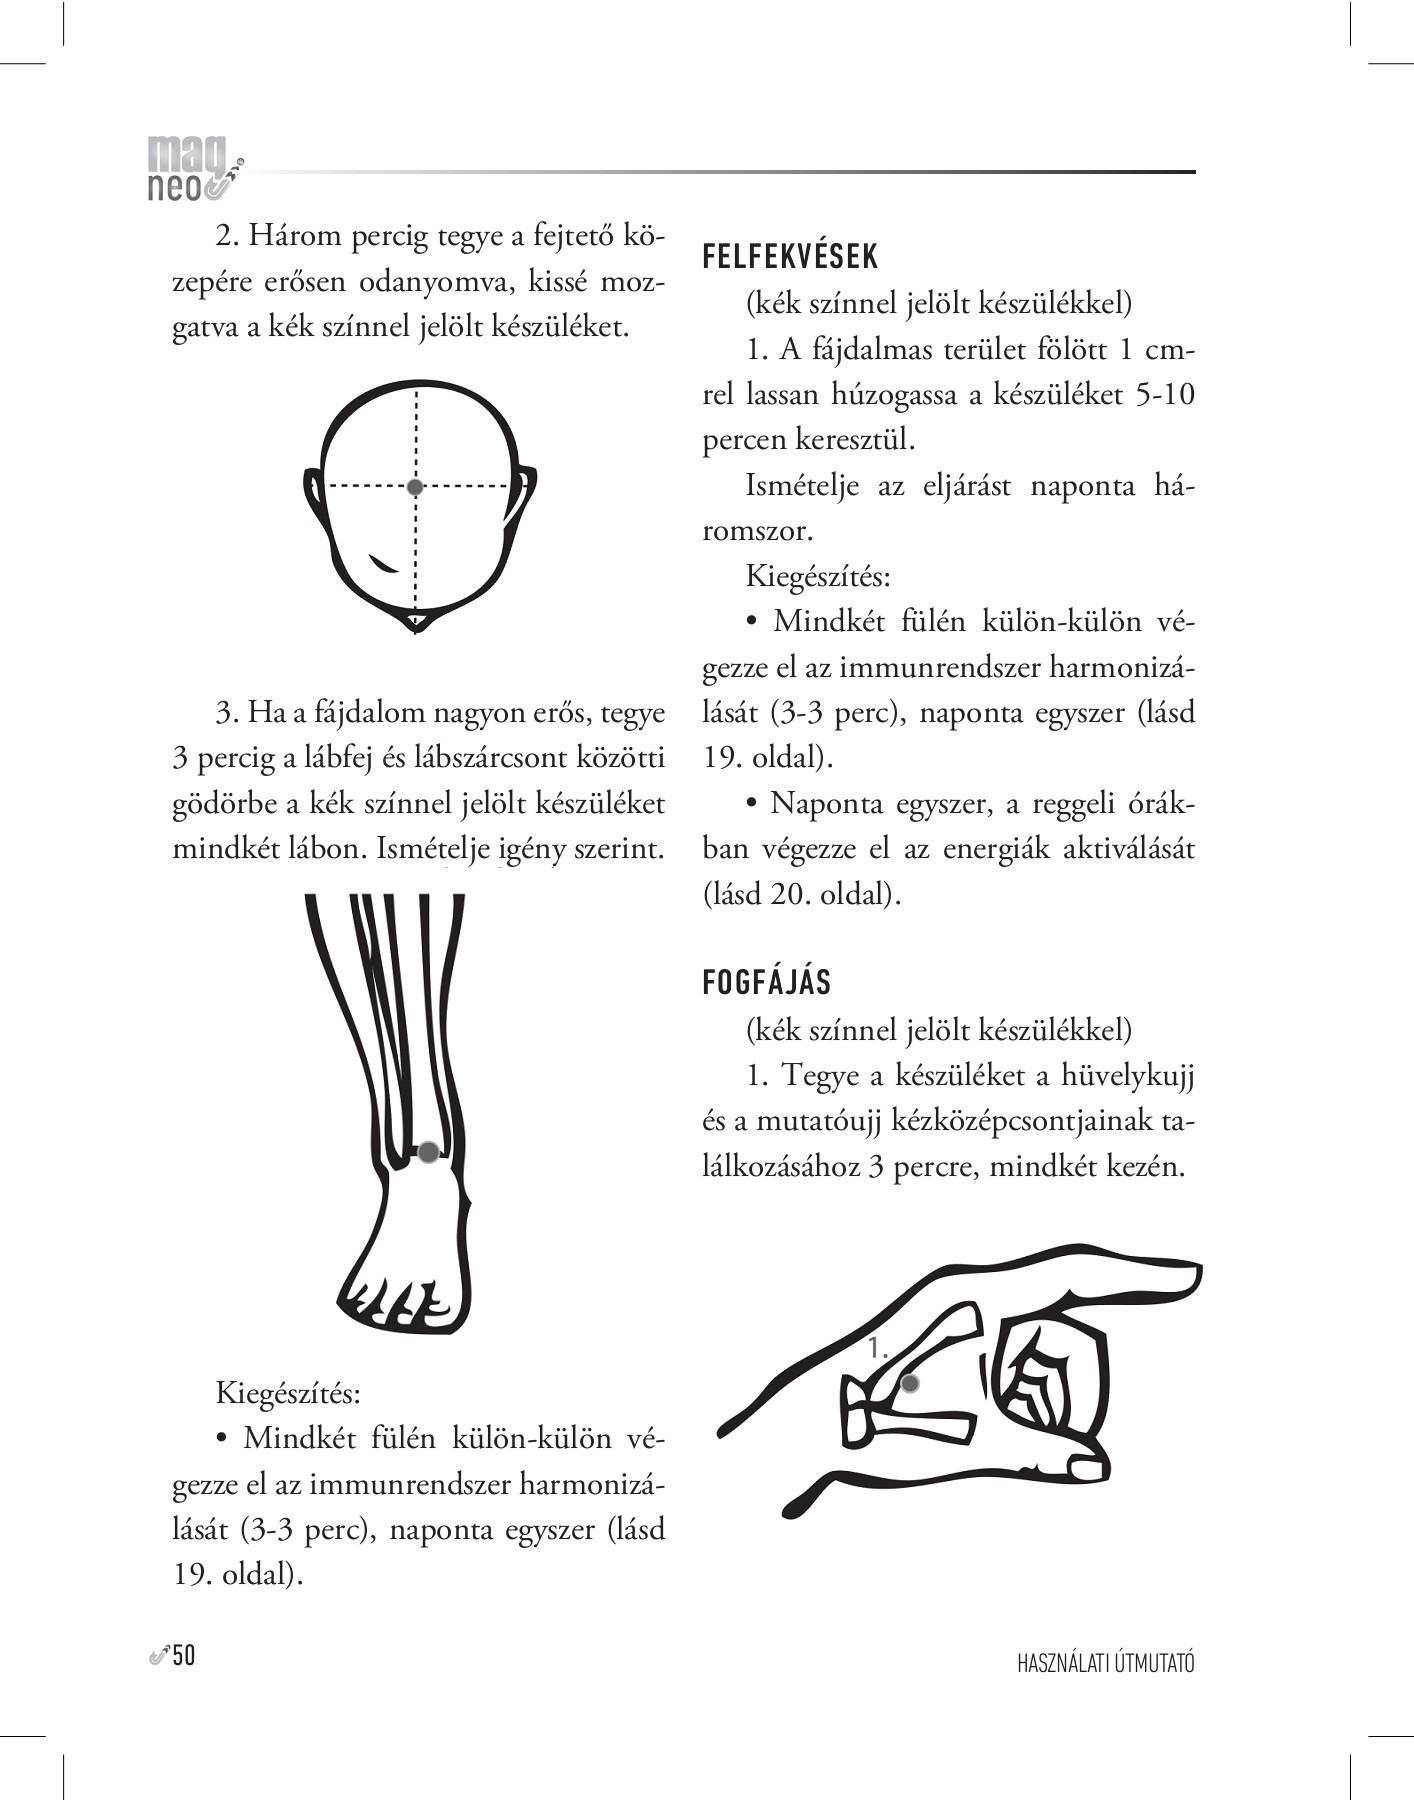 hogyan és hogyan kezeljük a kézízületeket